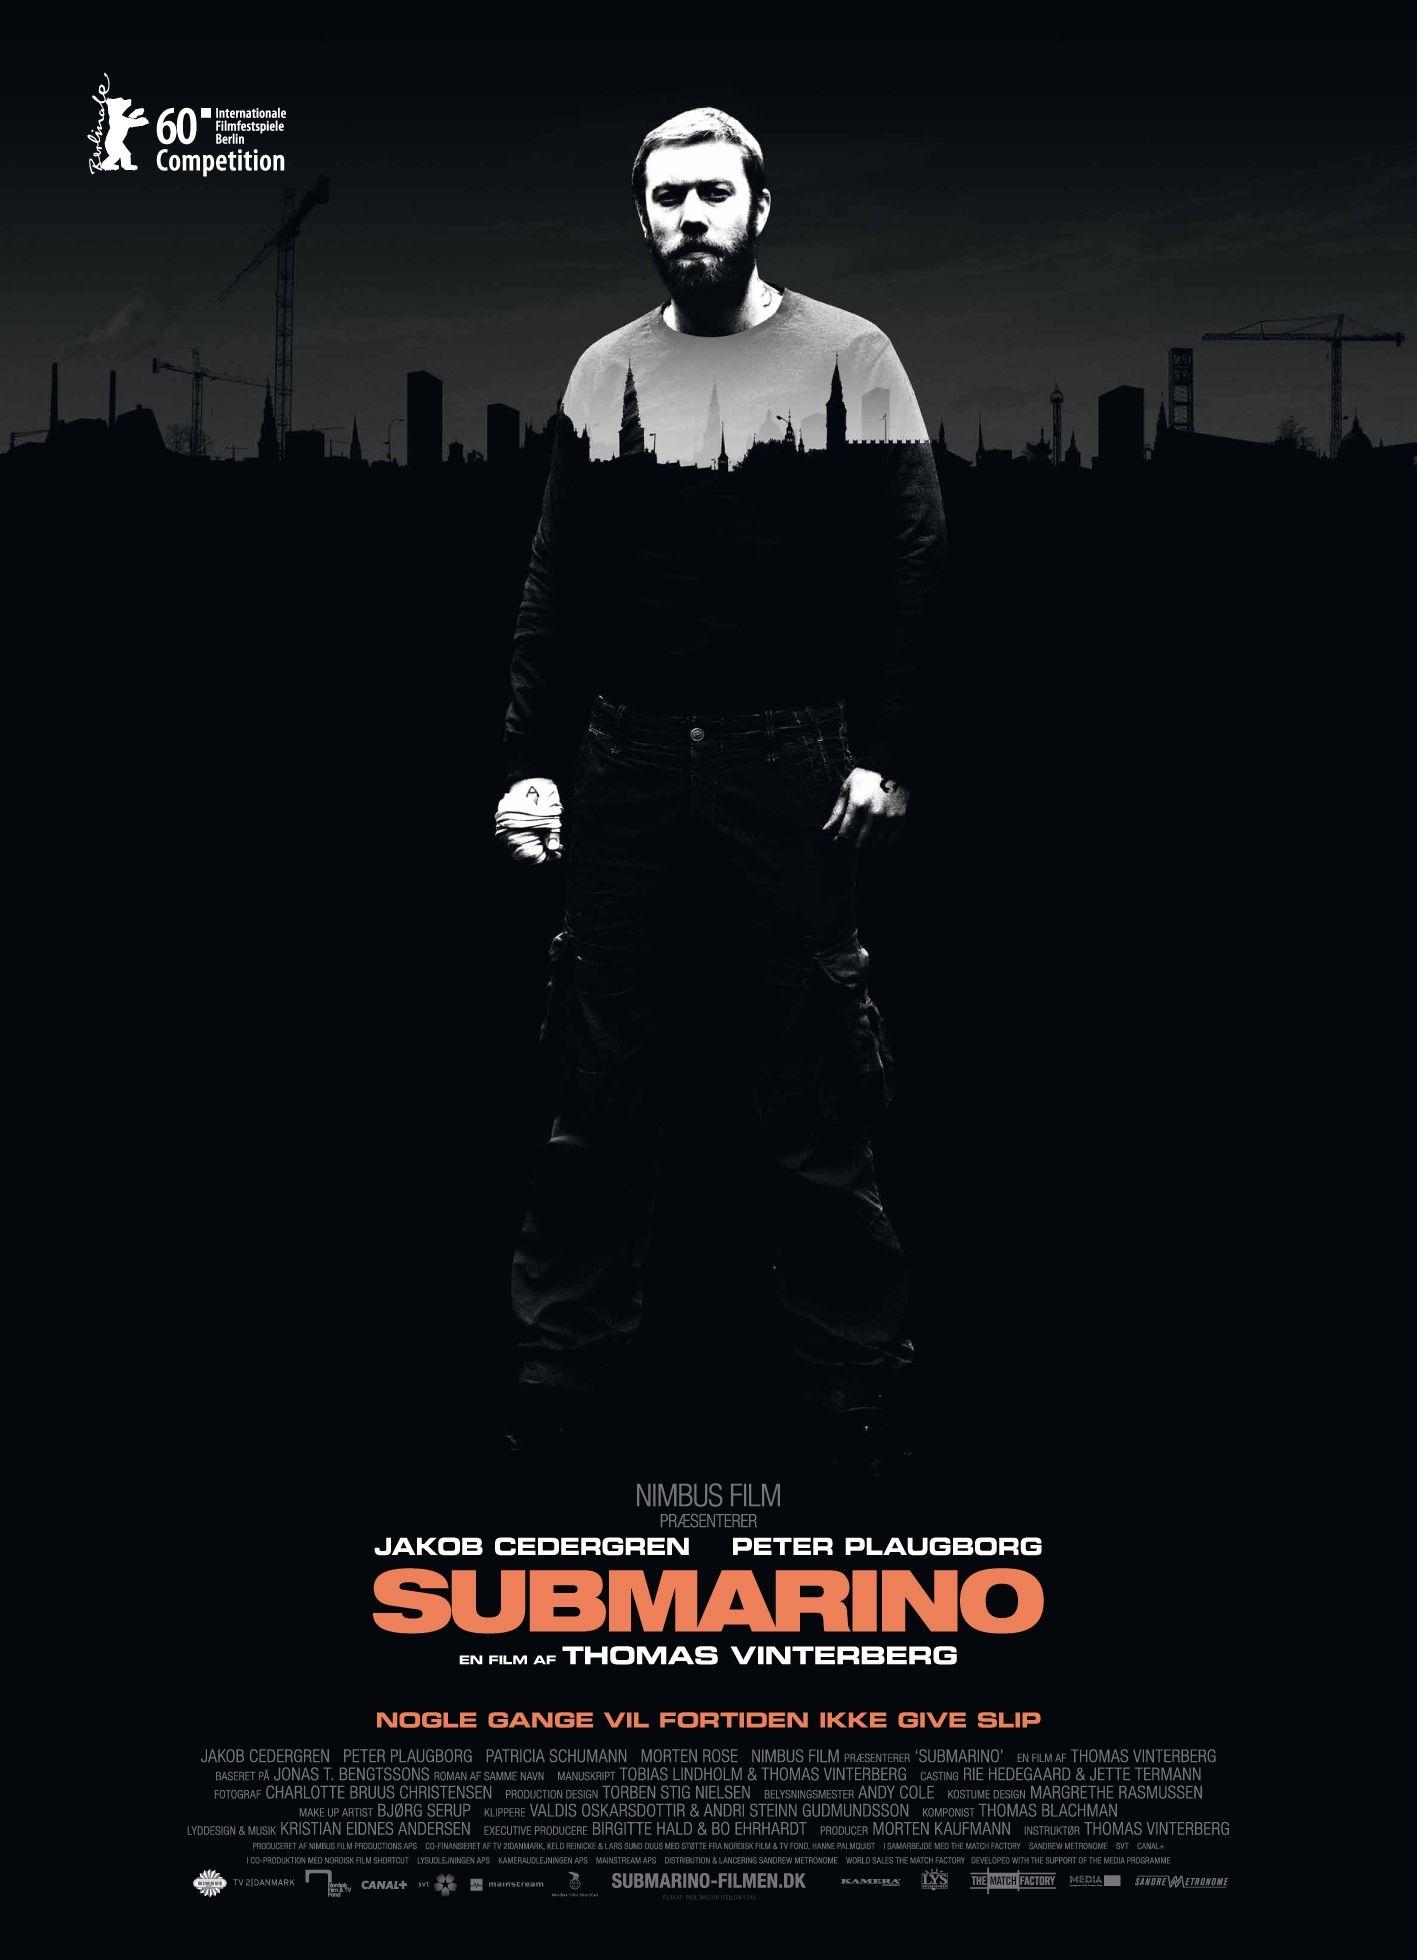 Submarino (Thomas Vinterberg, 2010)